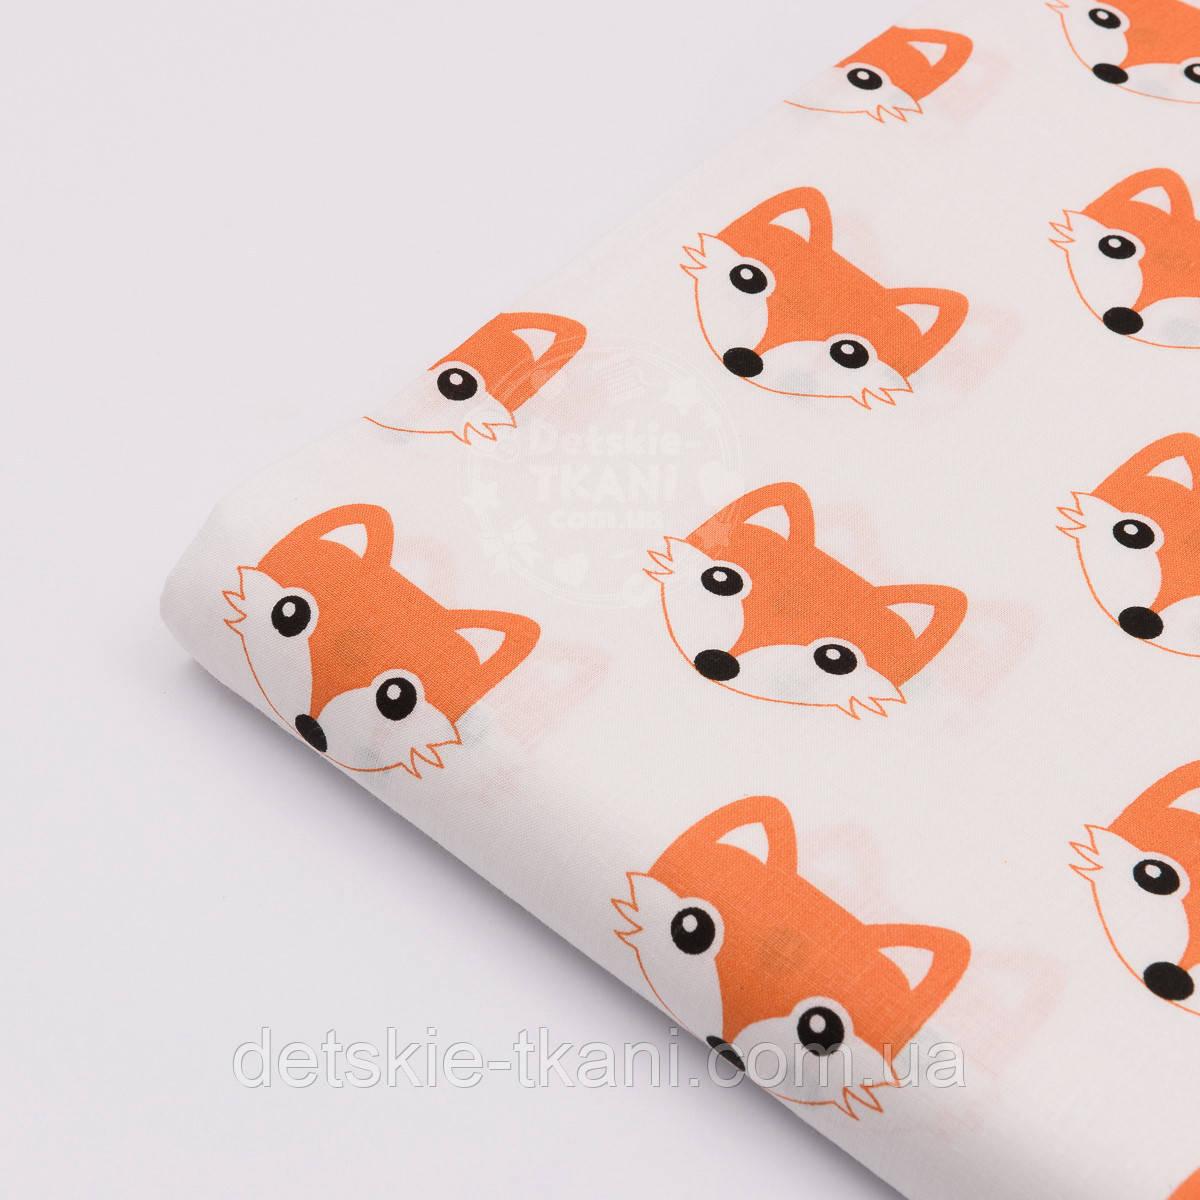 Отрез ткани №279а бязь с мордочками лисичек оранжевого цвета  размером 52*160 см